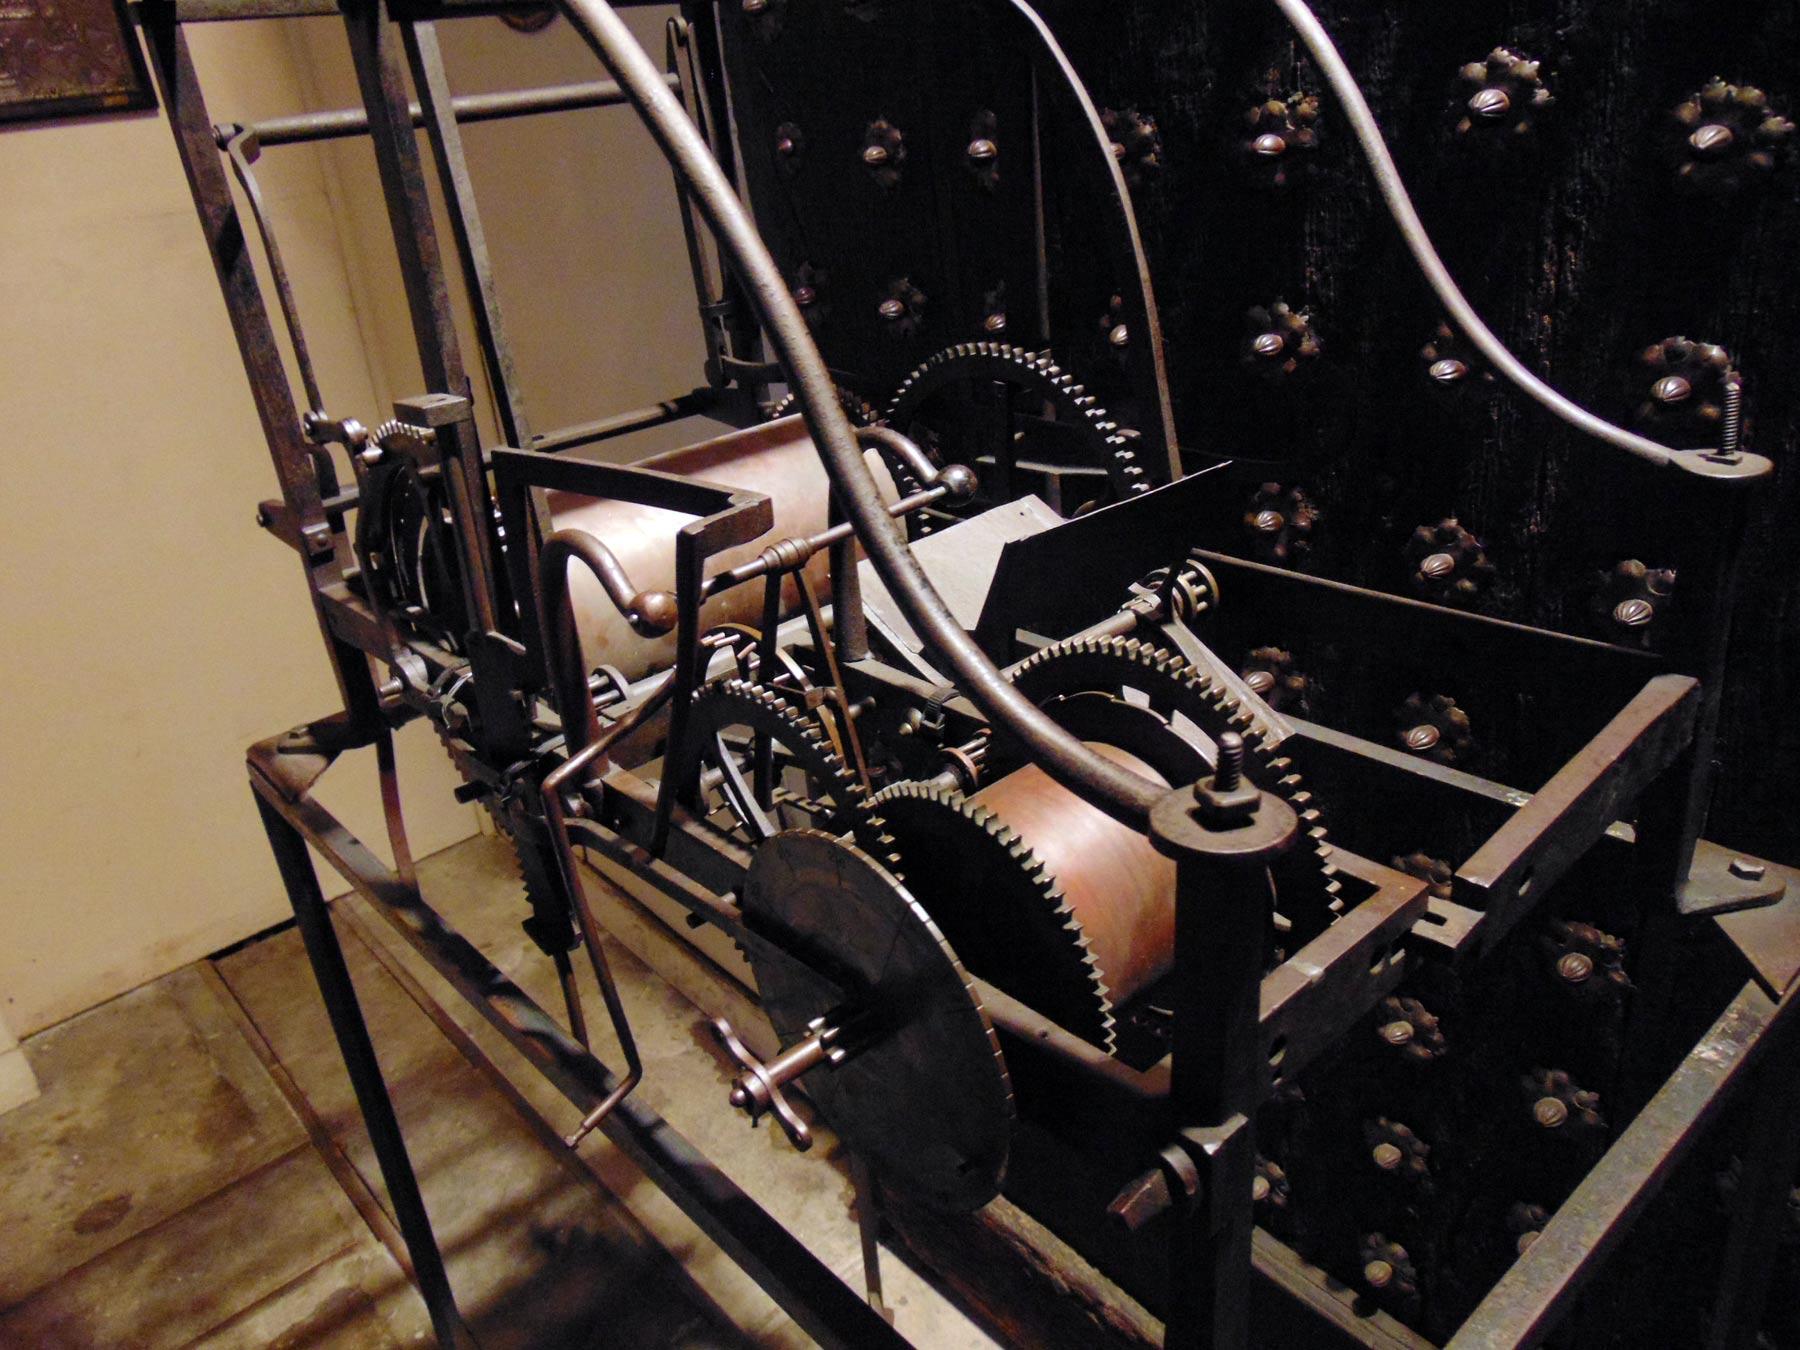 экскурсия по залам музеяскобяных изделий в металле